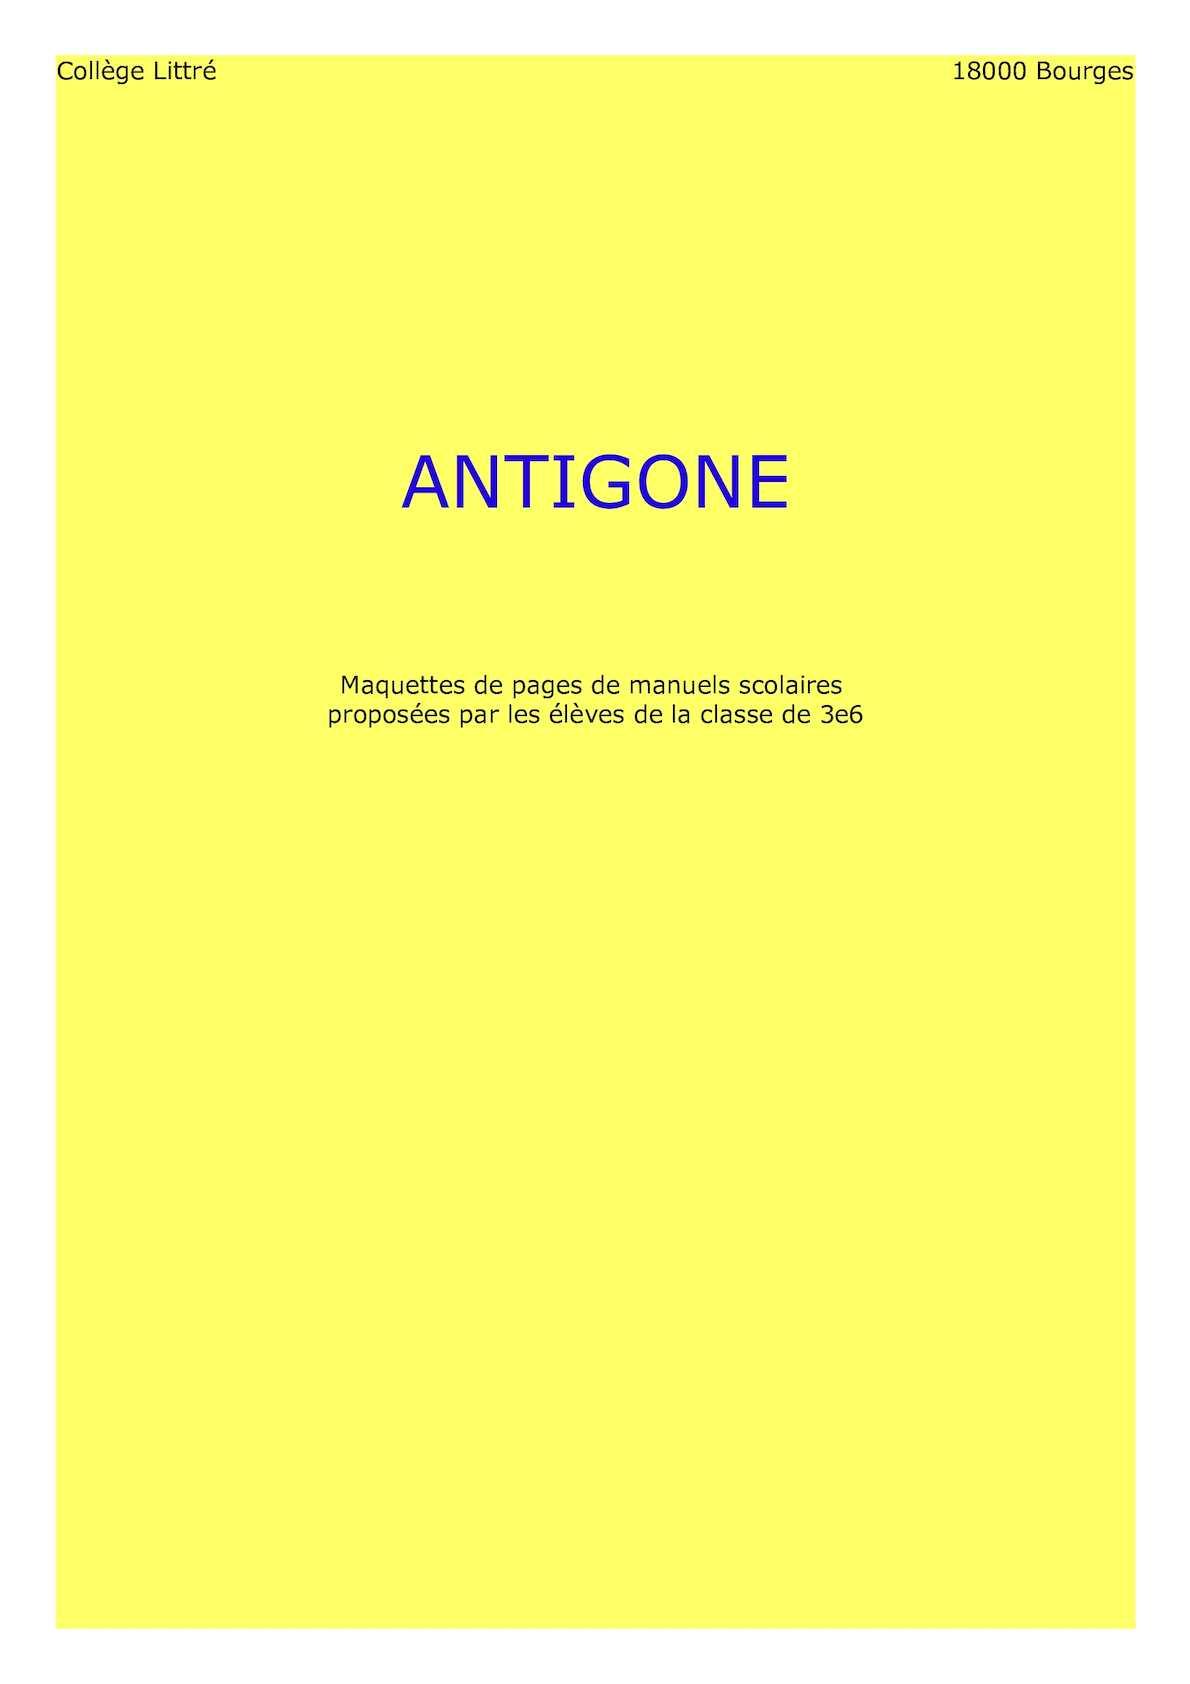 Manuel Scolaire Antigone